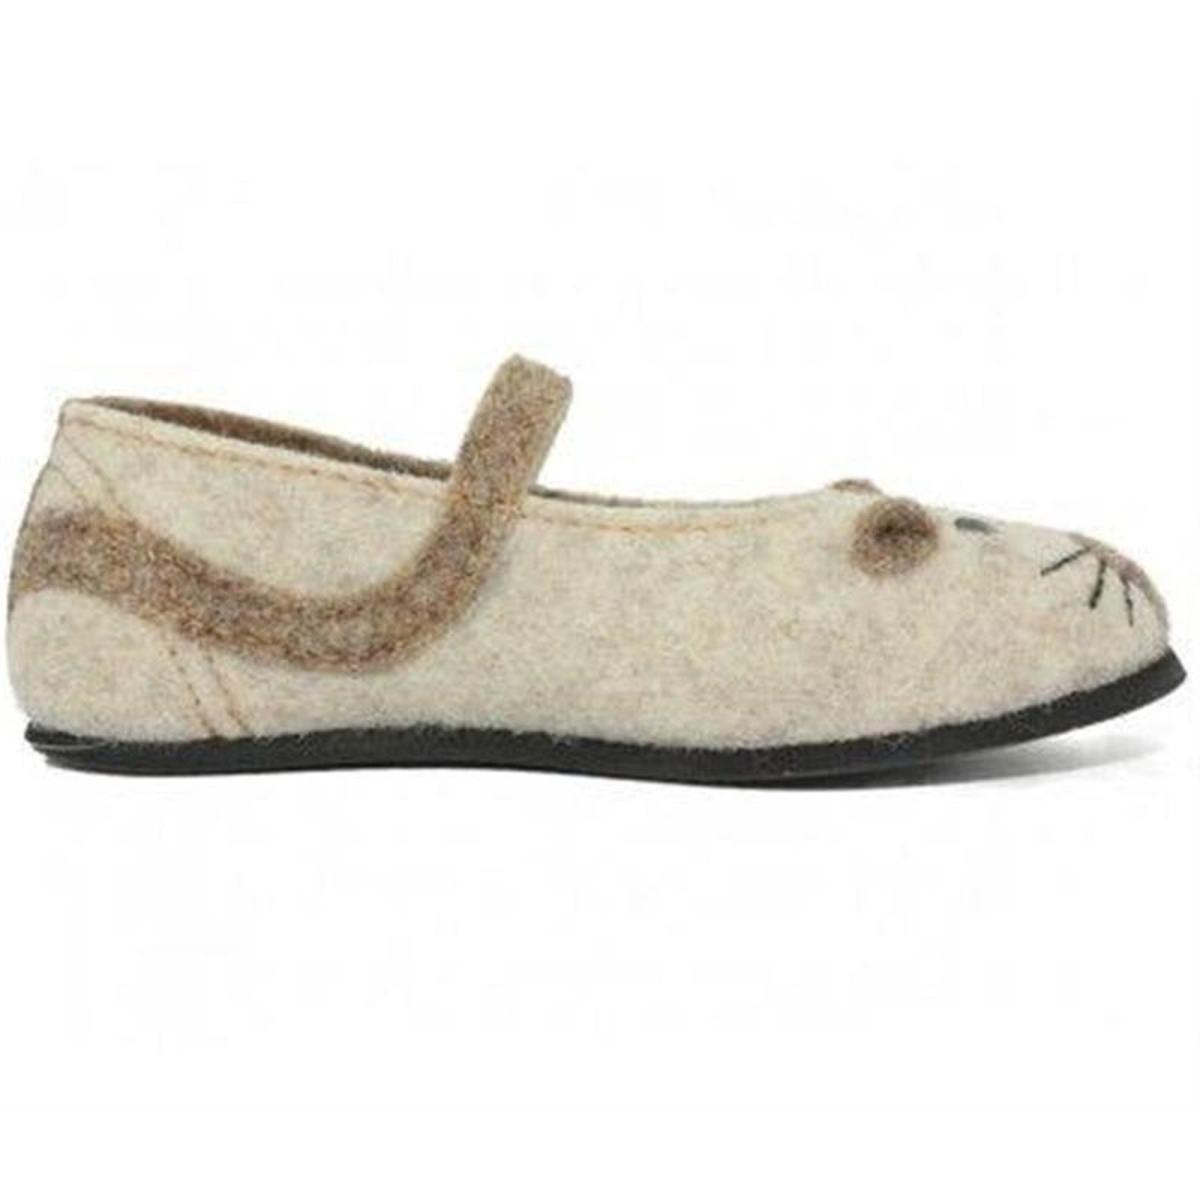 pantoufles  /  chaussons laine